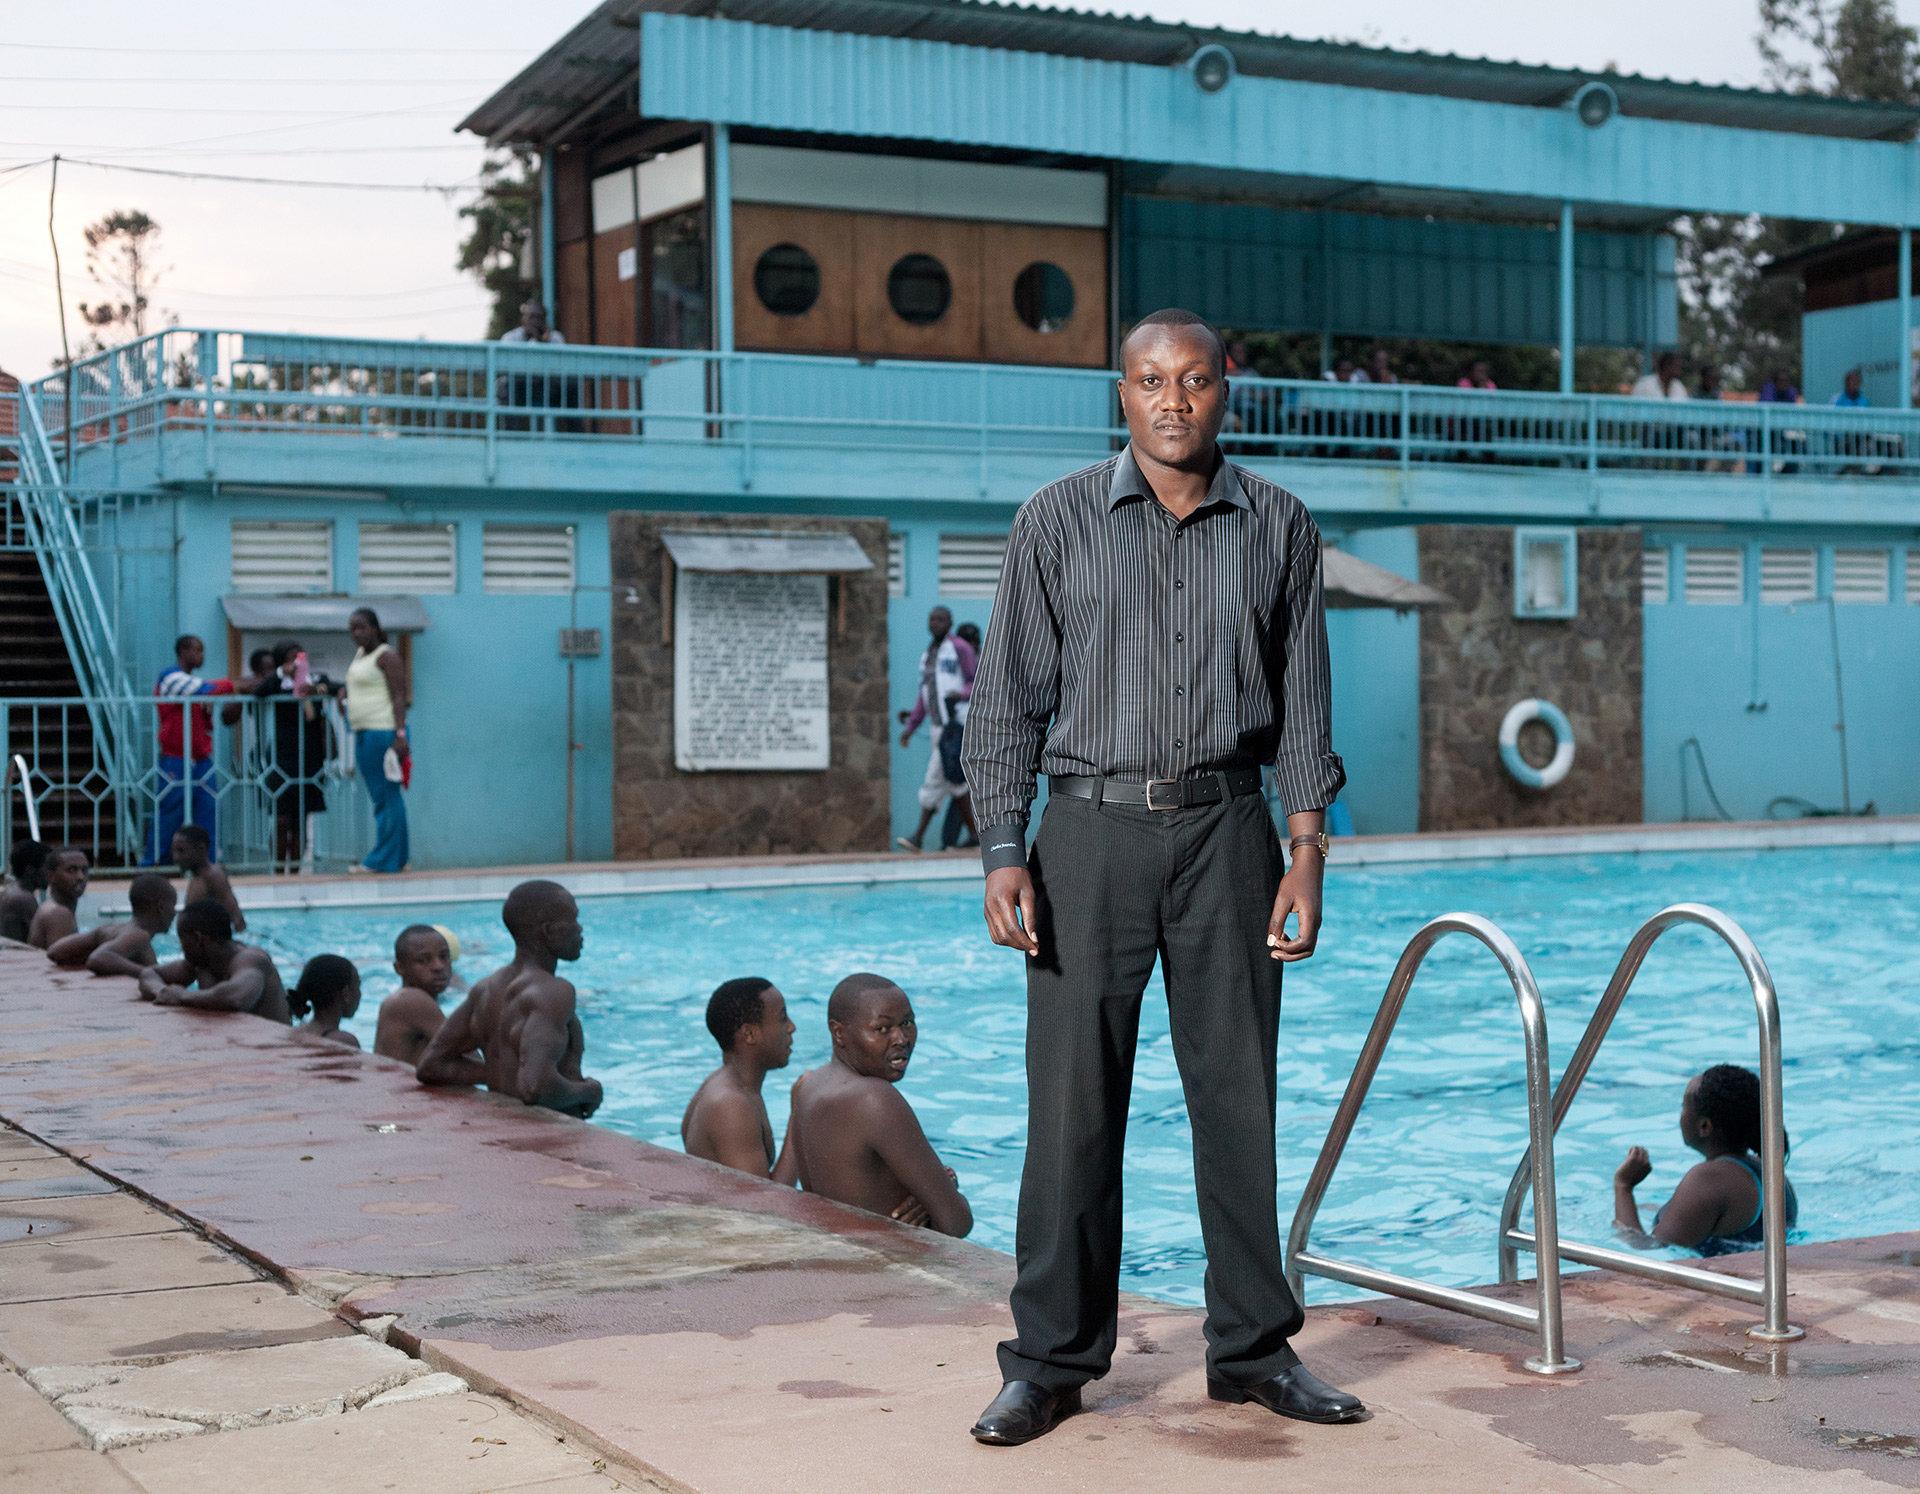 Viny ist im Y.M.C.A für den Swimmingpool zuständig